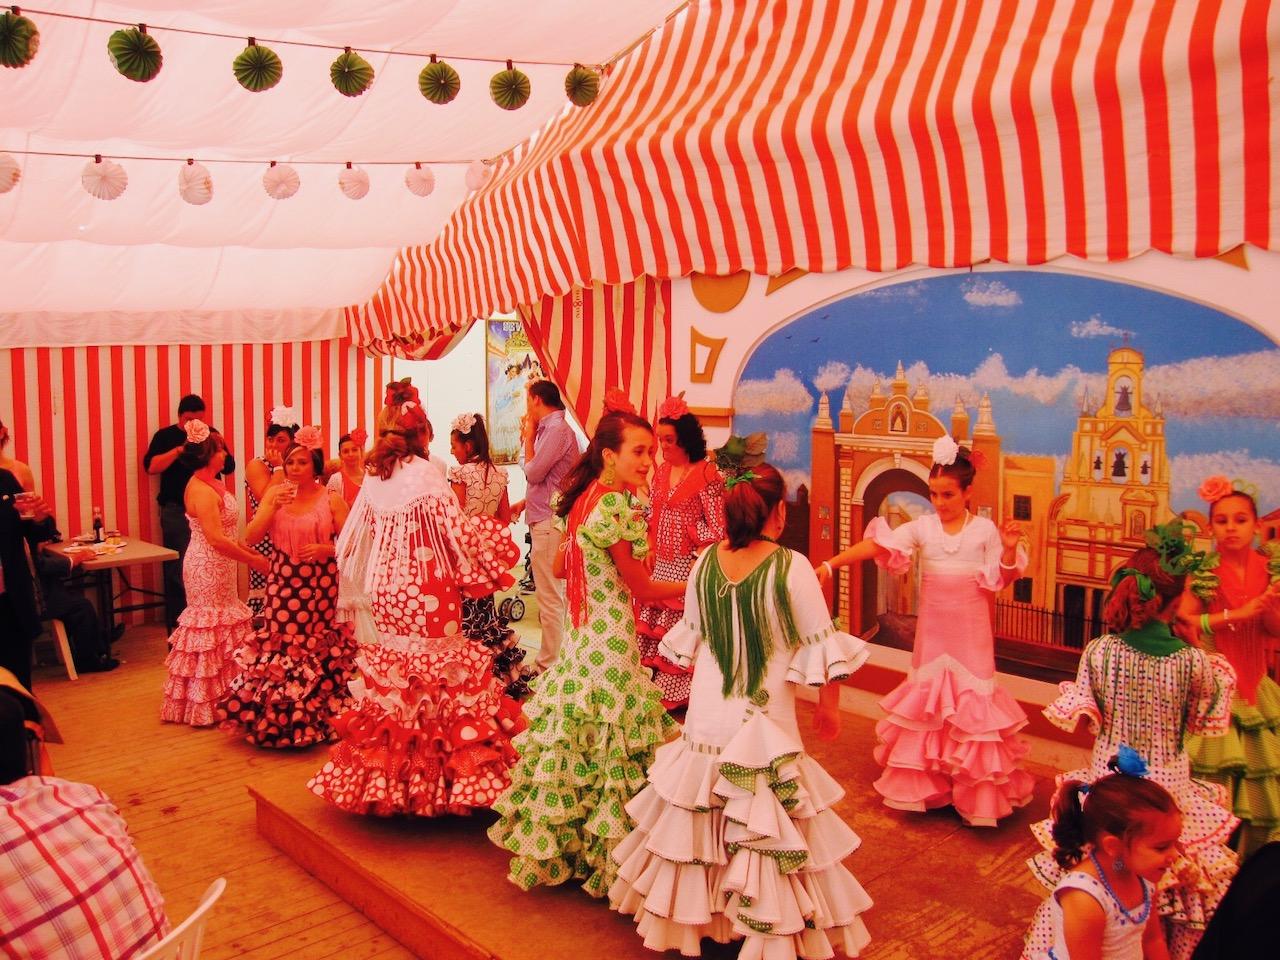 Blick in ein Familienzelt beim Fest Feria de Abril, Sevilla, Andalusien